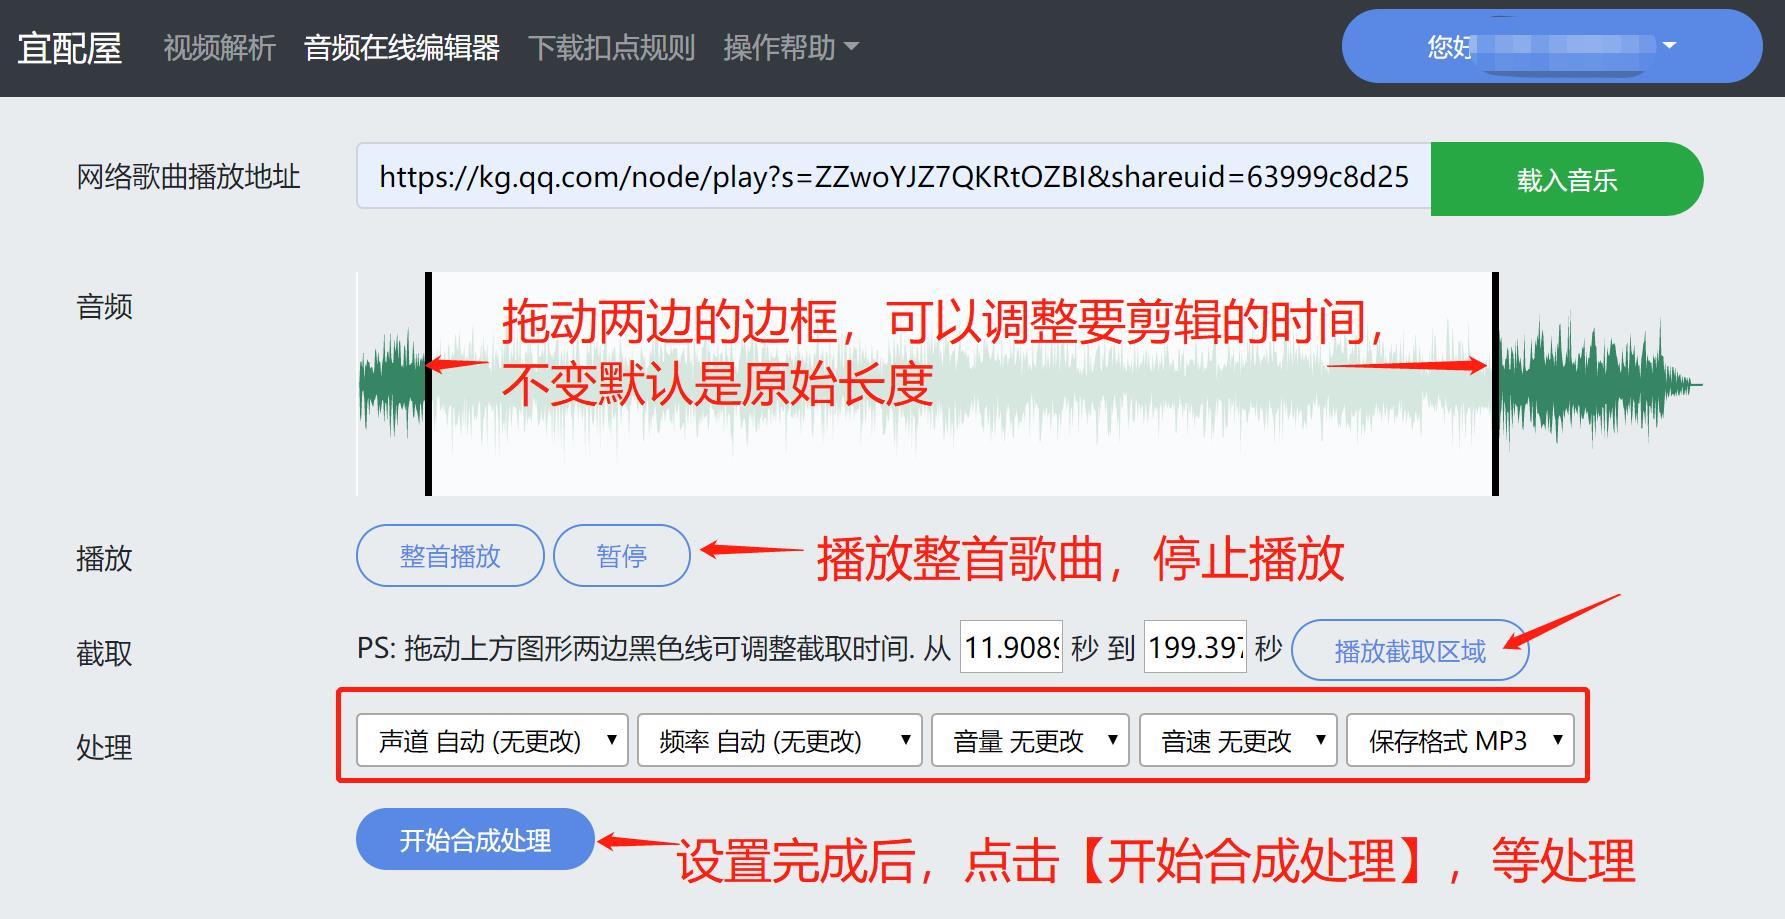 音乐在线编辑器-03.jpg